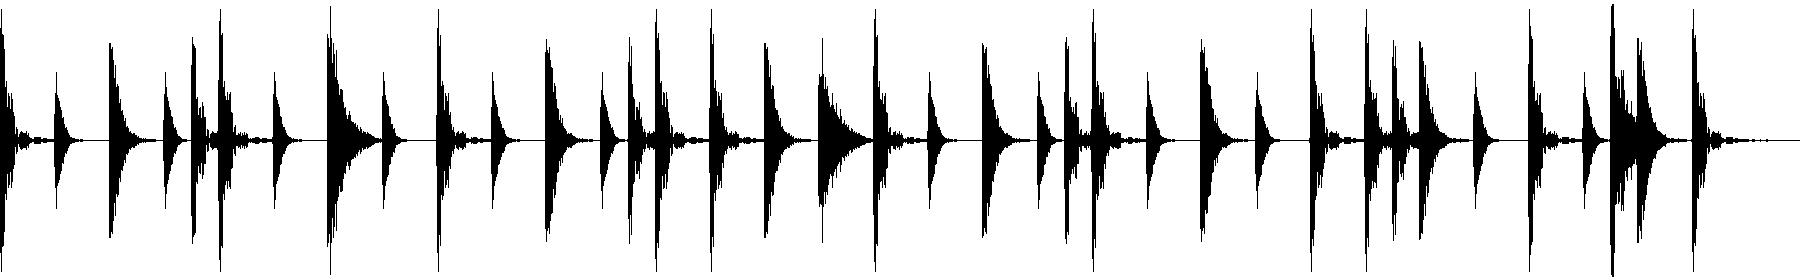 funk groove 1